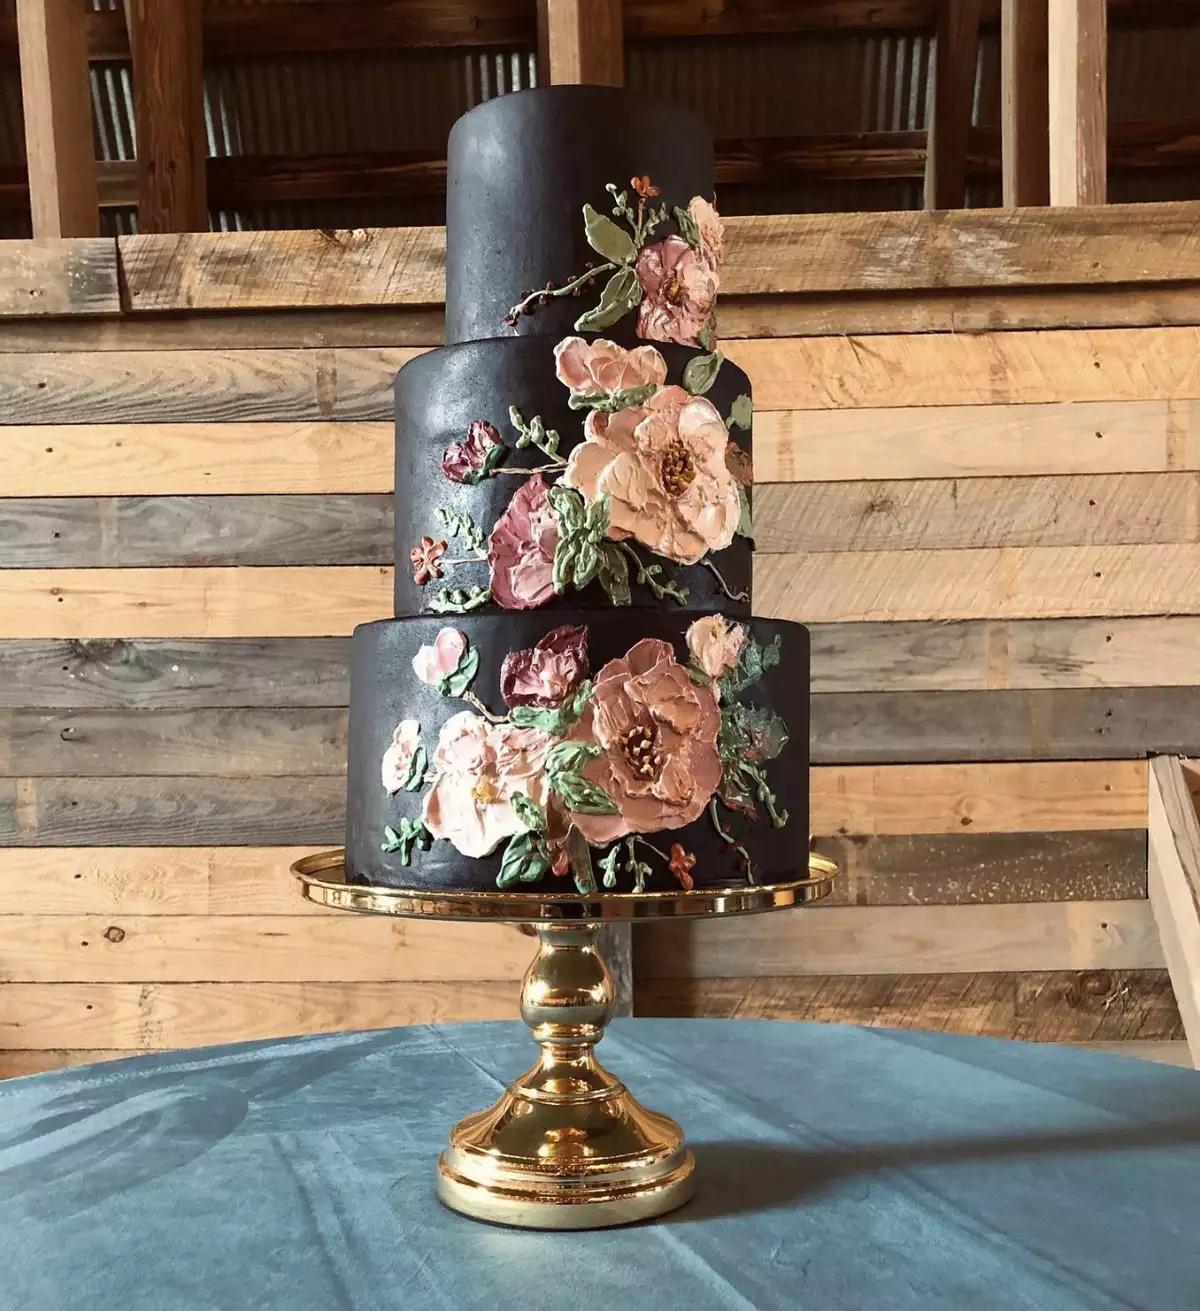 4PmJEaLrN9c - Свадебный торты 2021 года - готовимся к открытию сезона